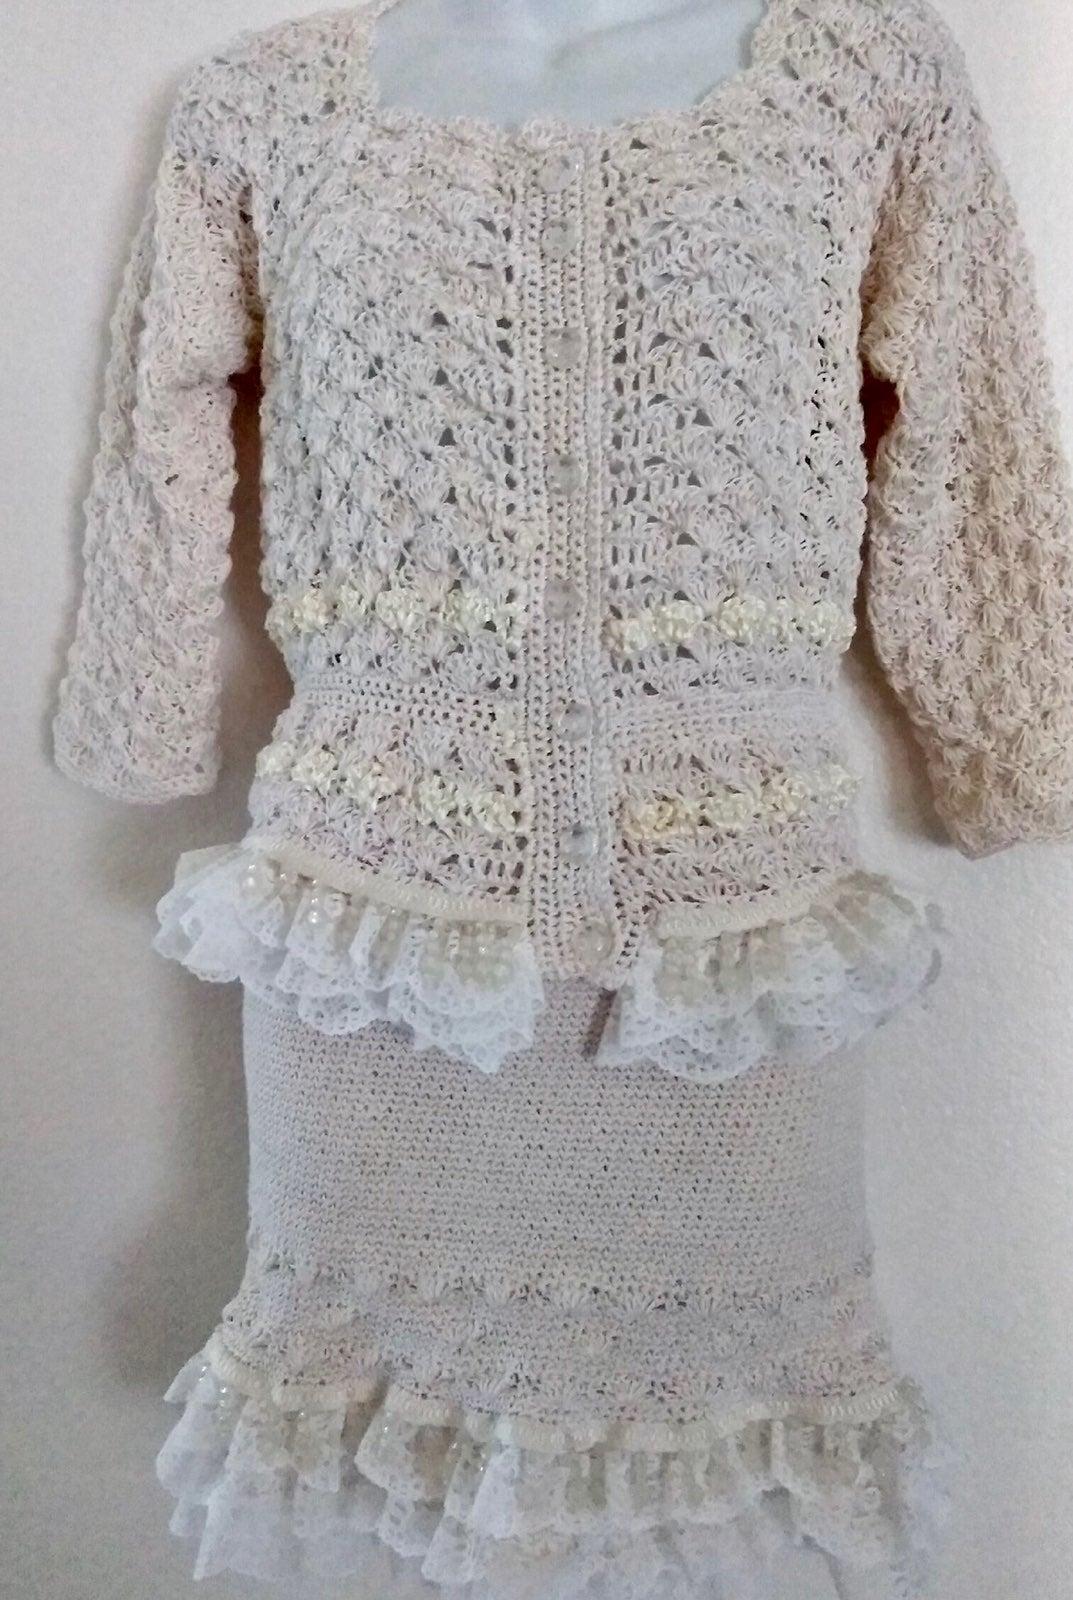 Crocheted cotton lace 2-piece suit